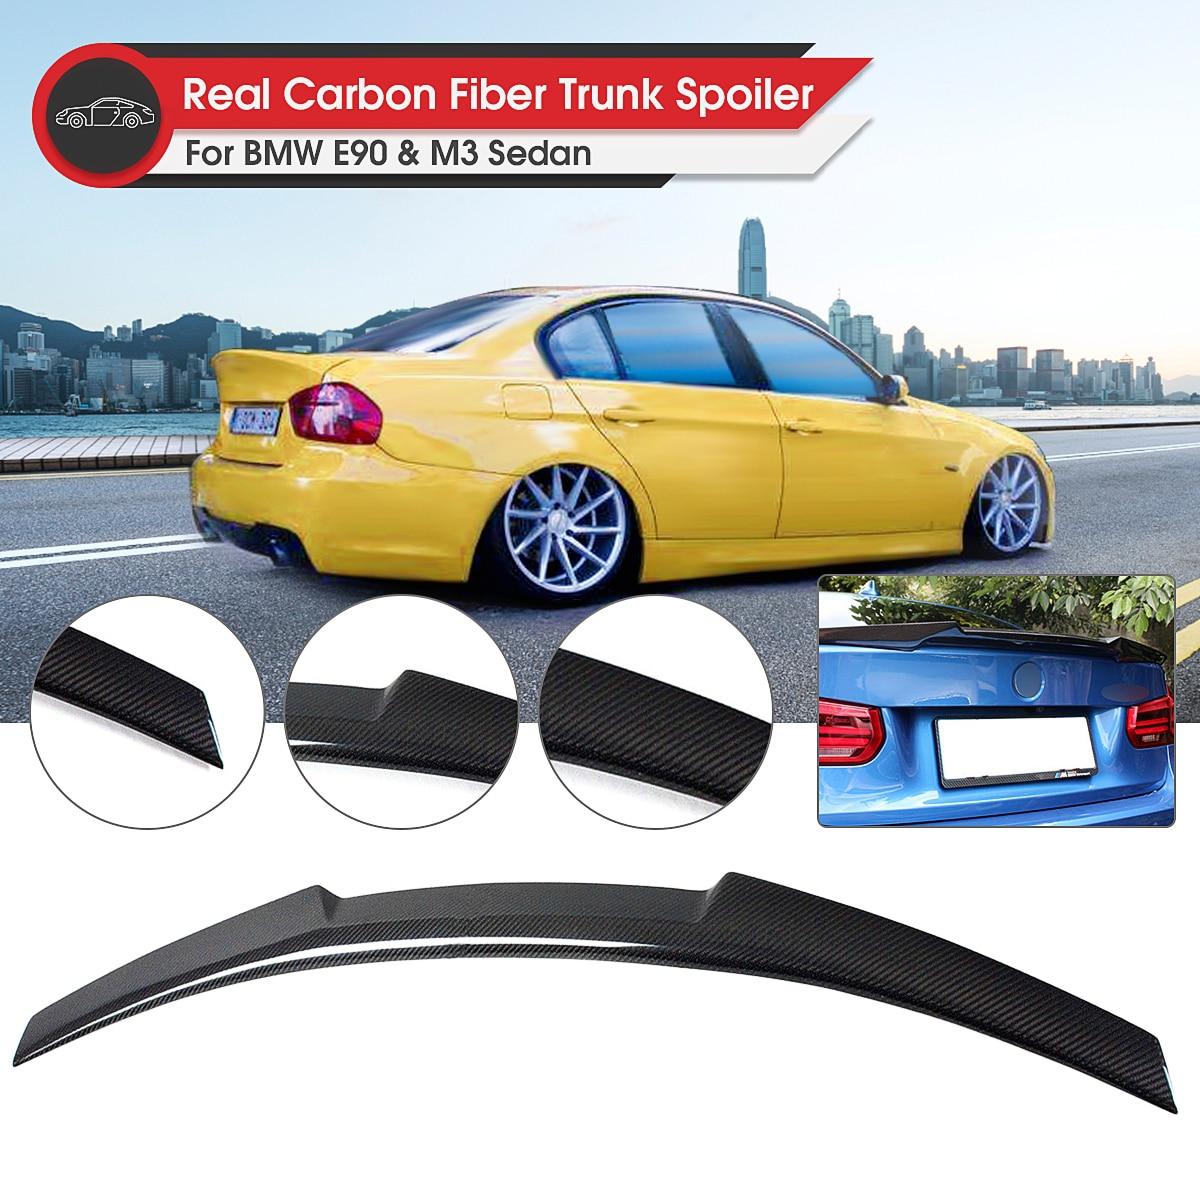 Carbonio Cofano del Bagagliaio Posteriore Spoiler Ala Lip Spoiler Wing-M4 Stile Posteriore per BMW E90 3 Serie 4 Porte Berlina 2006 -2011 M3 2008-2012